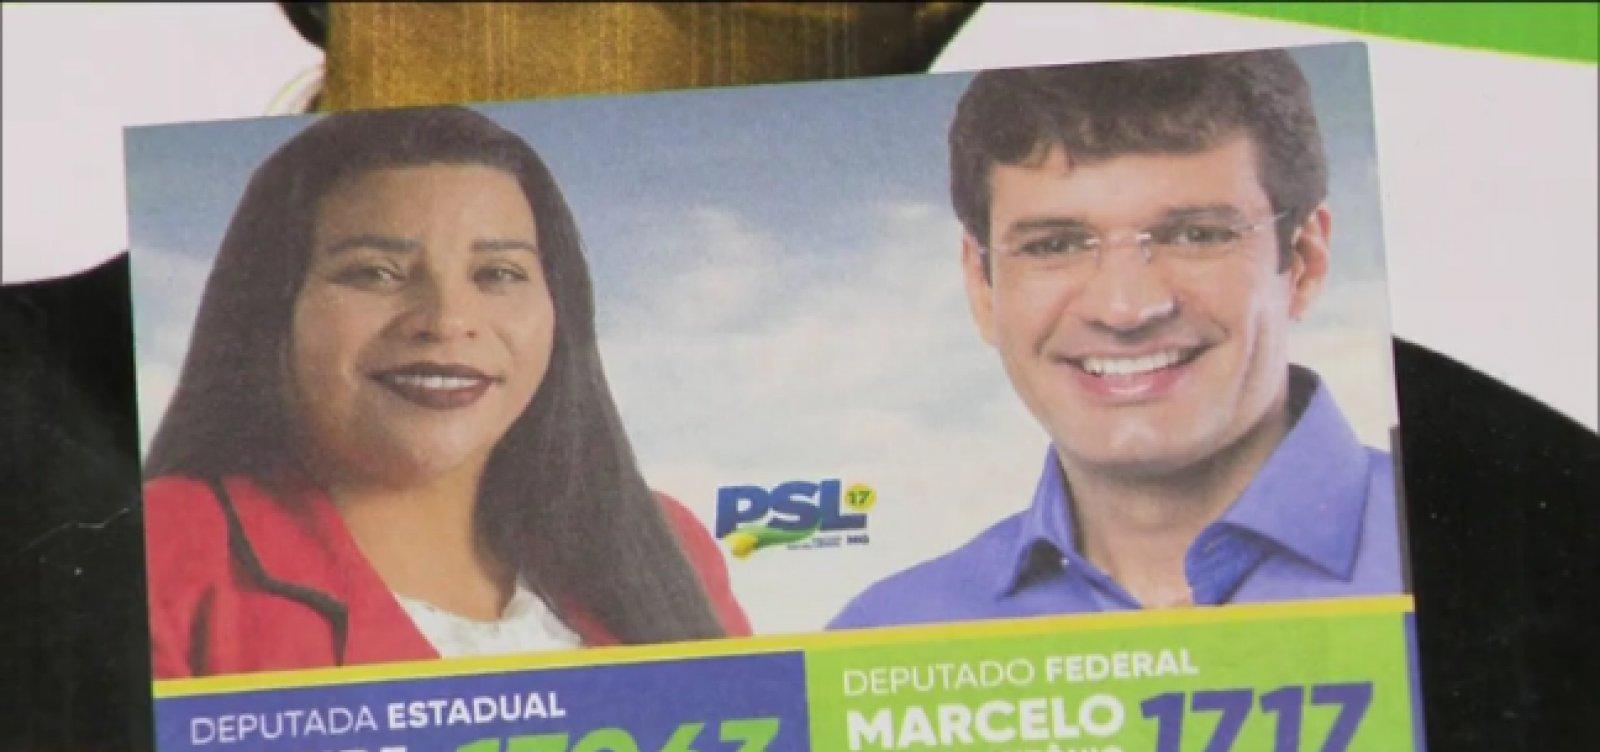 [PF encontra indícios de que PSL de MG não usou parte dos valores declarados na eleição]